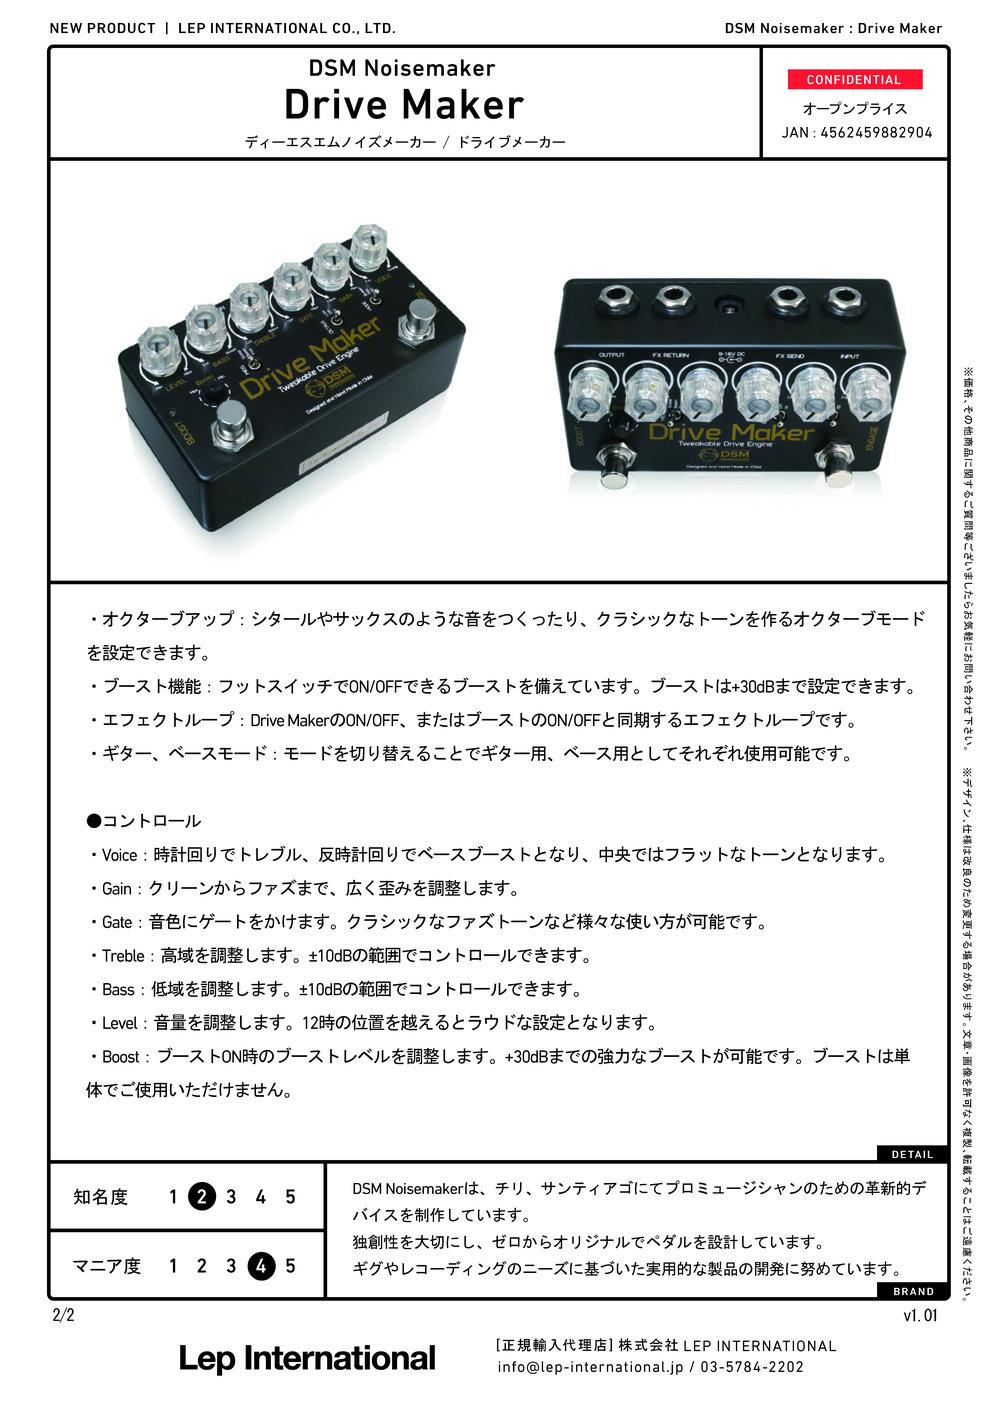 dsmnoisemaker drivemaker v1.01_ページ_2.jpg